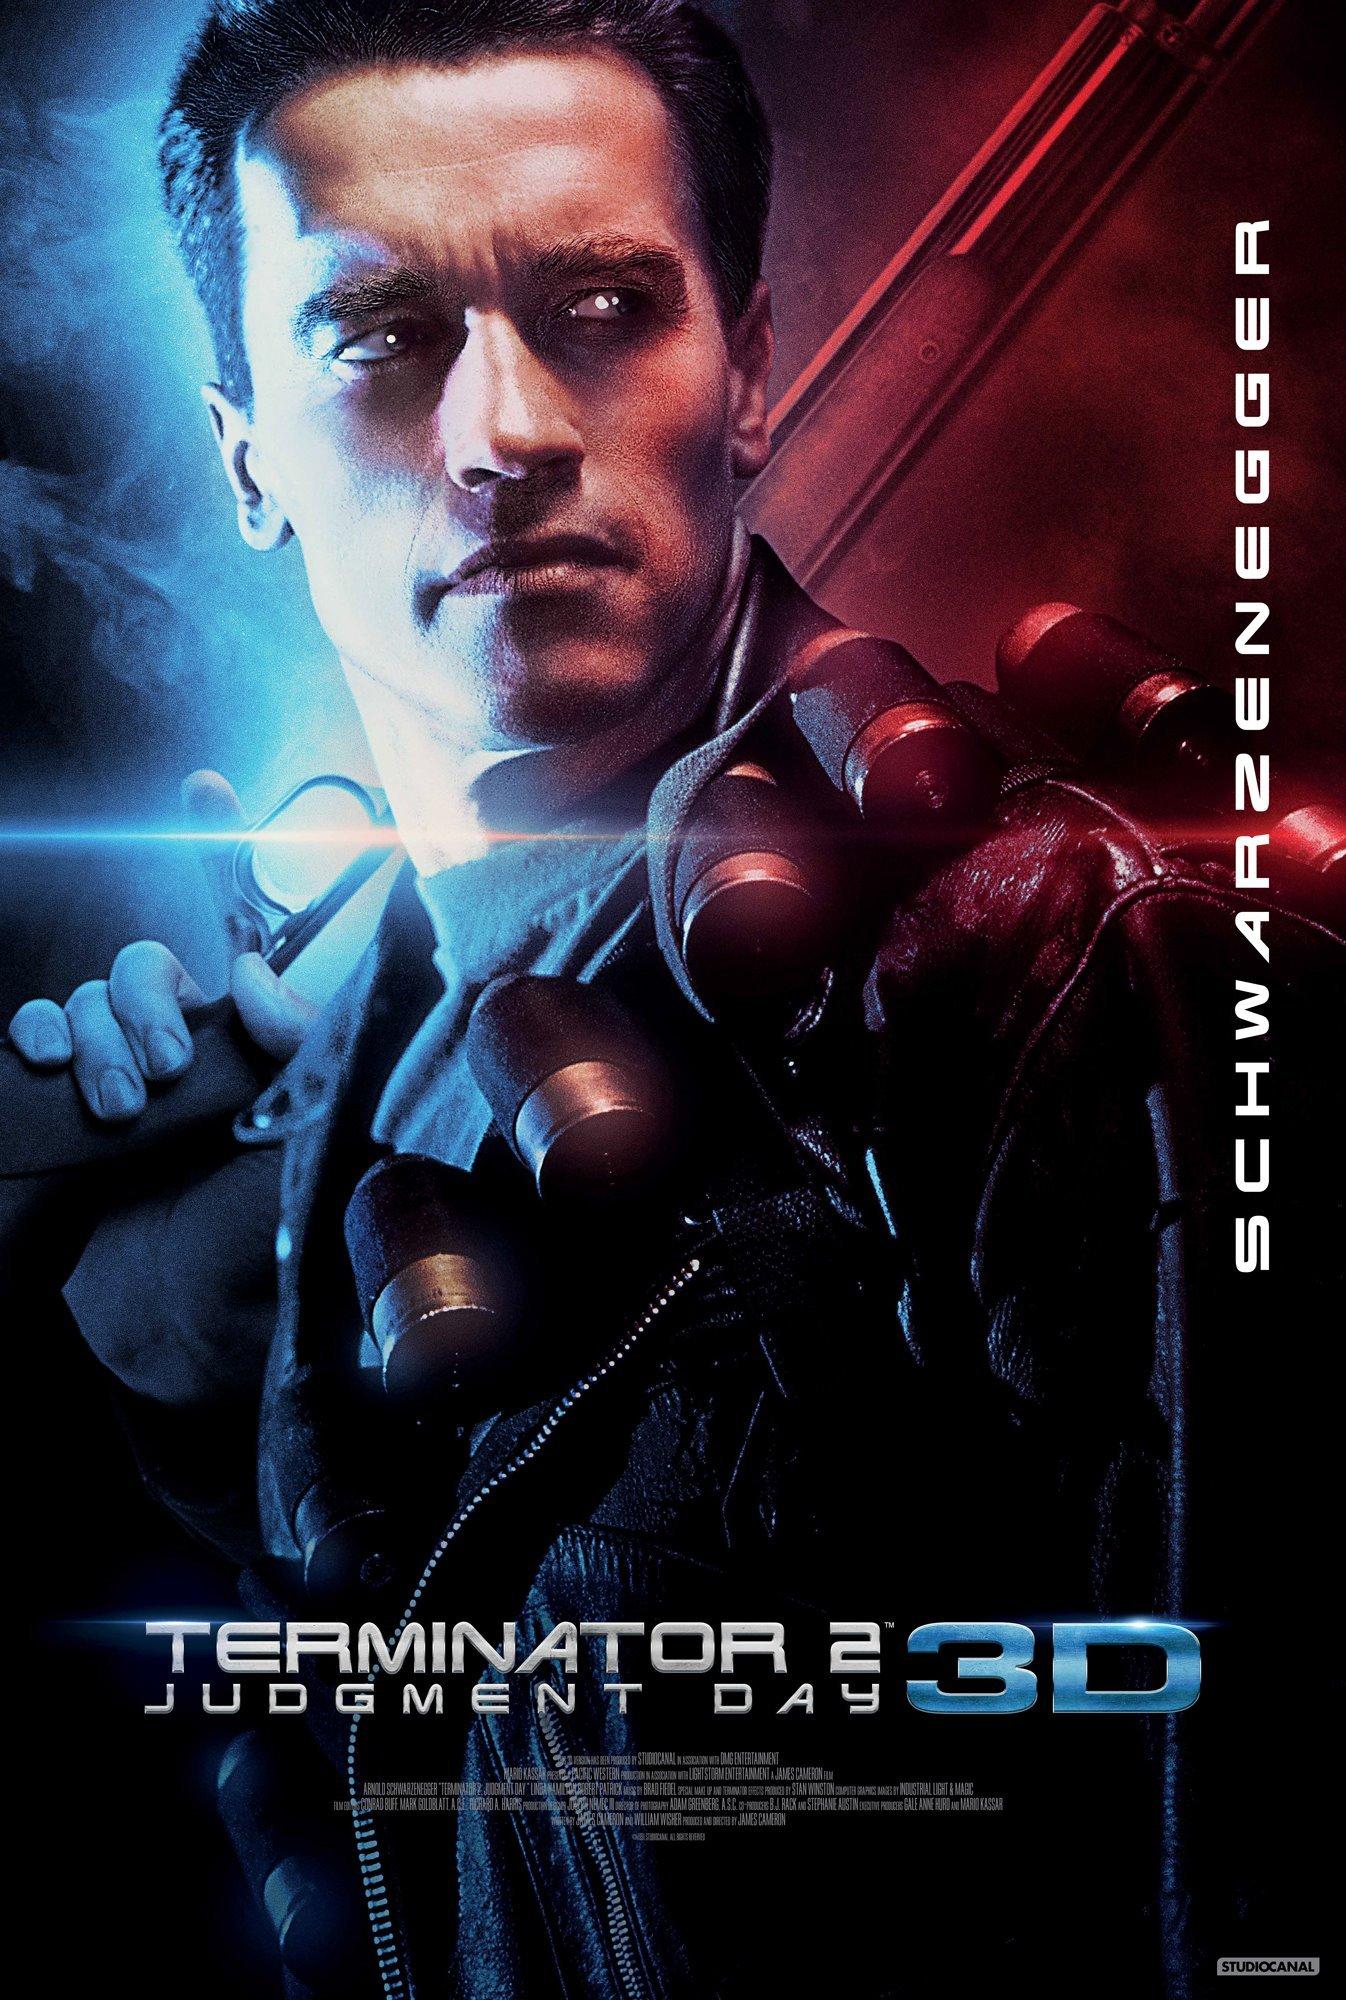 титаник в 3d новый фильм